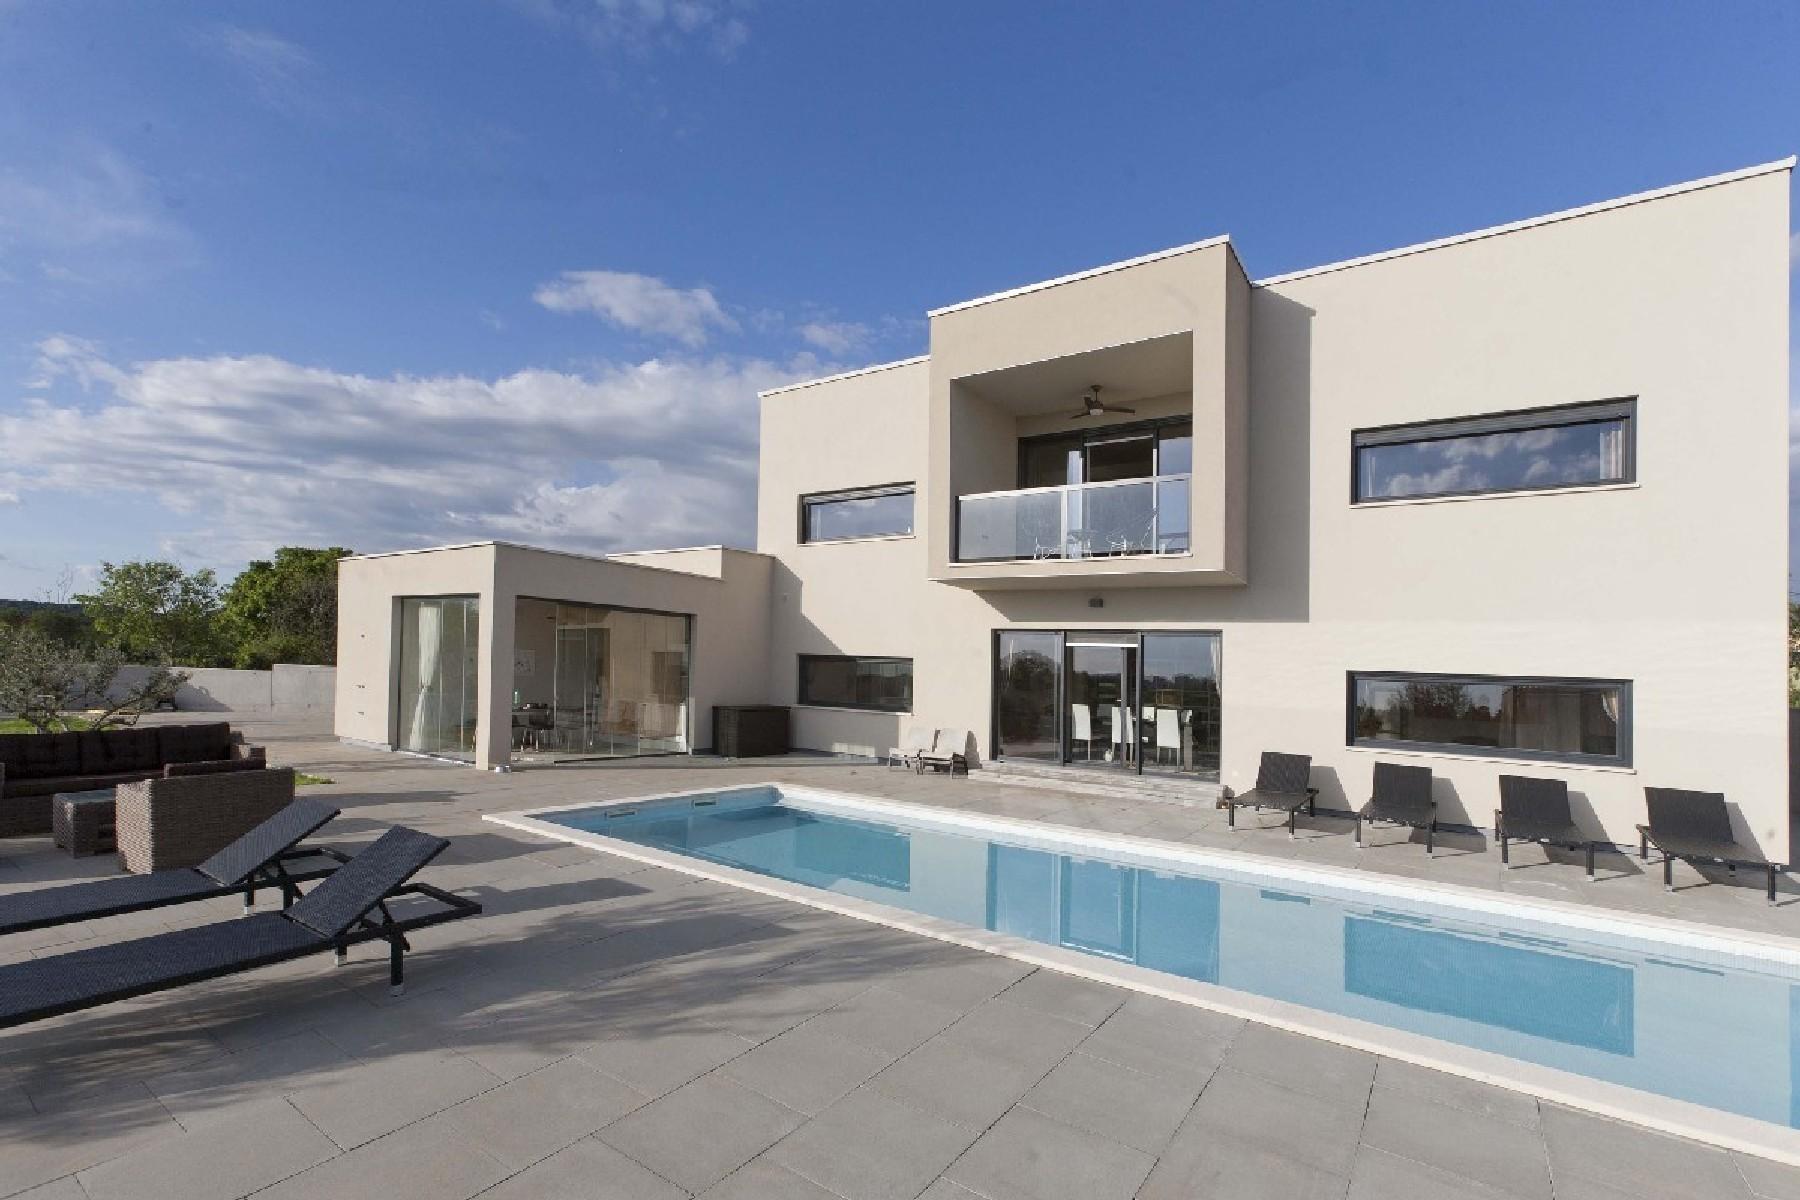 Частный односемейный дом для того Продажа на Villa Olea Ulica Orban 9, Pula, Istria, 52100 Croatia